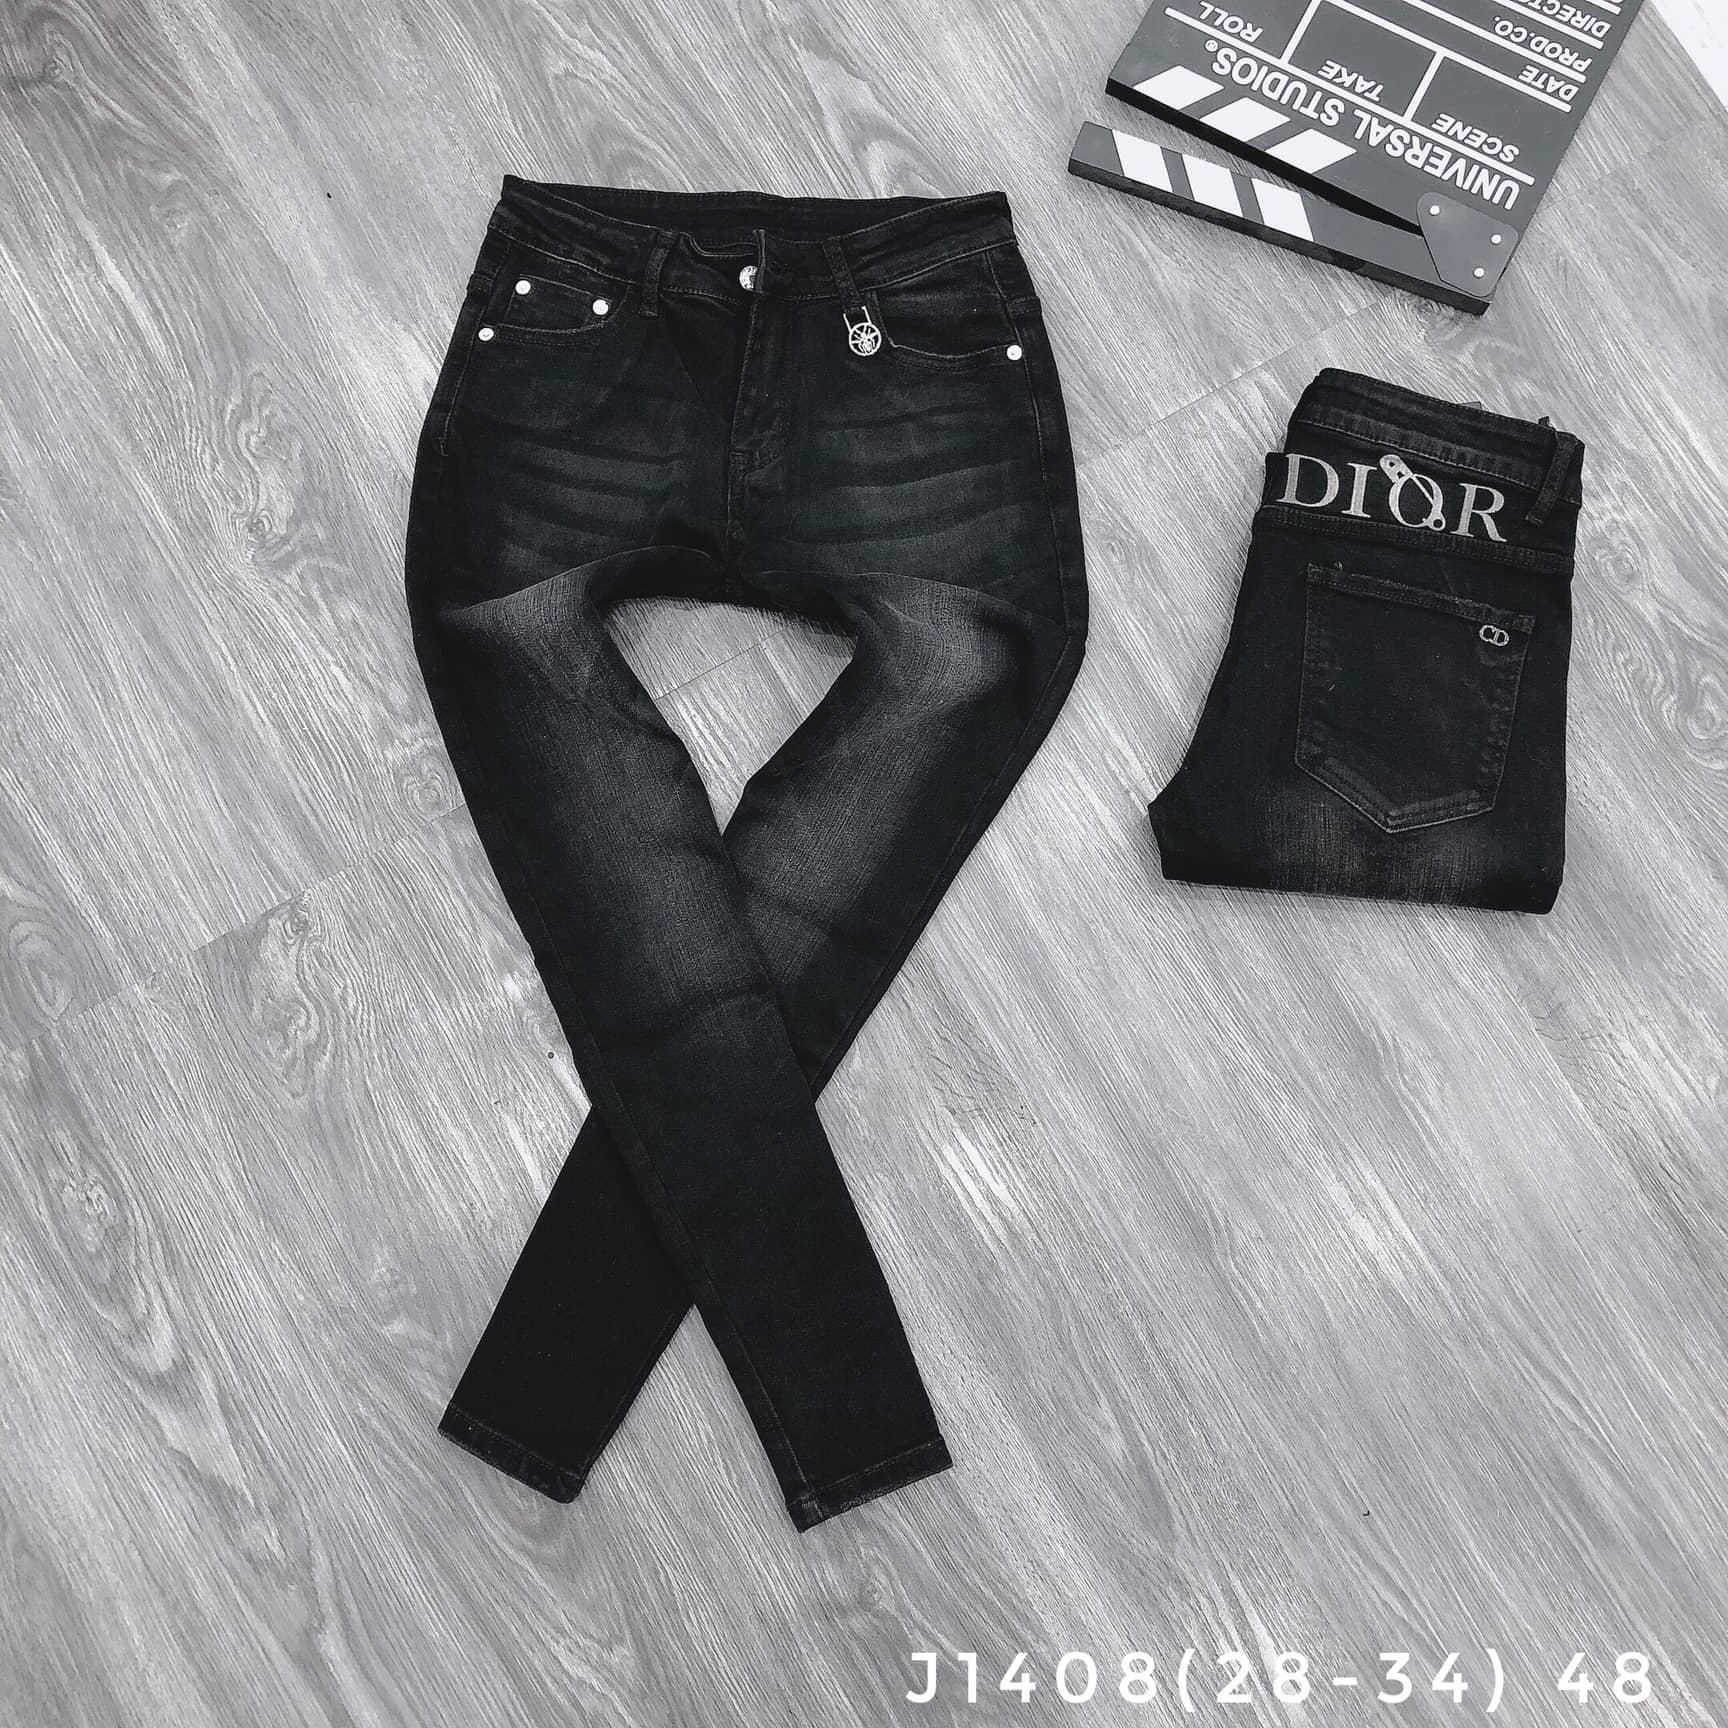 QUẦN JEAN J1408 (29-34)